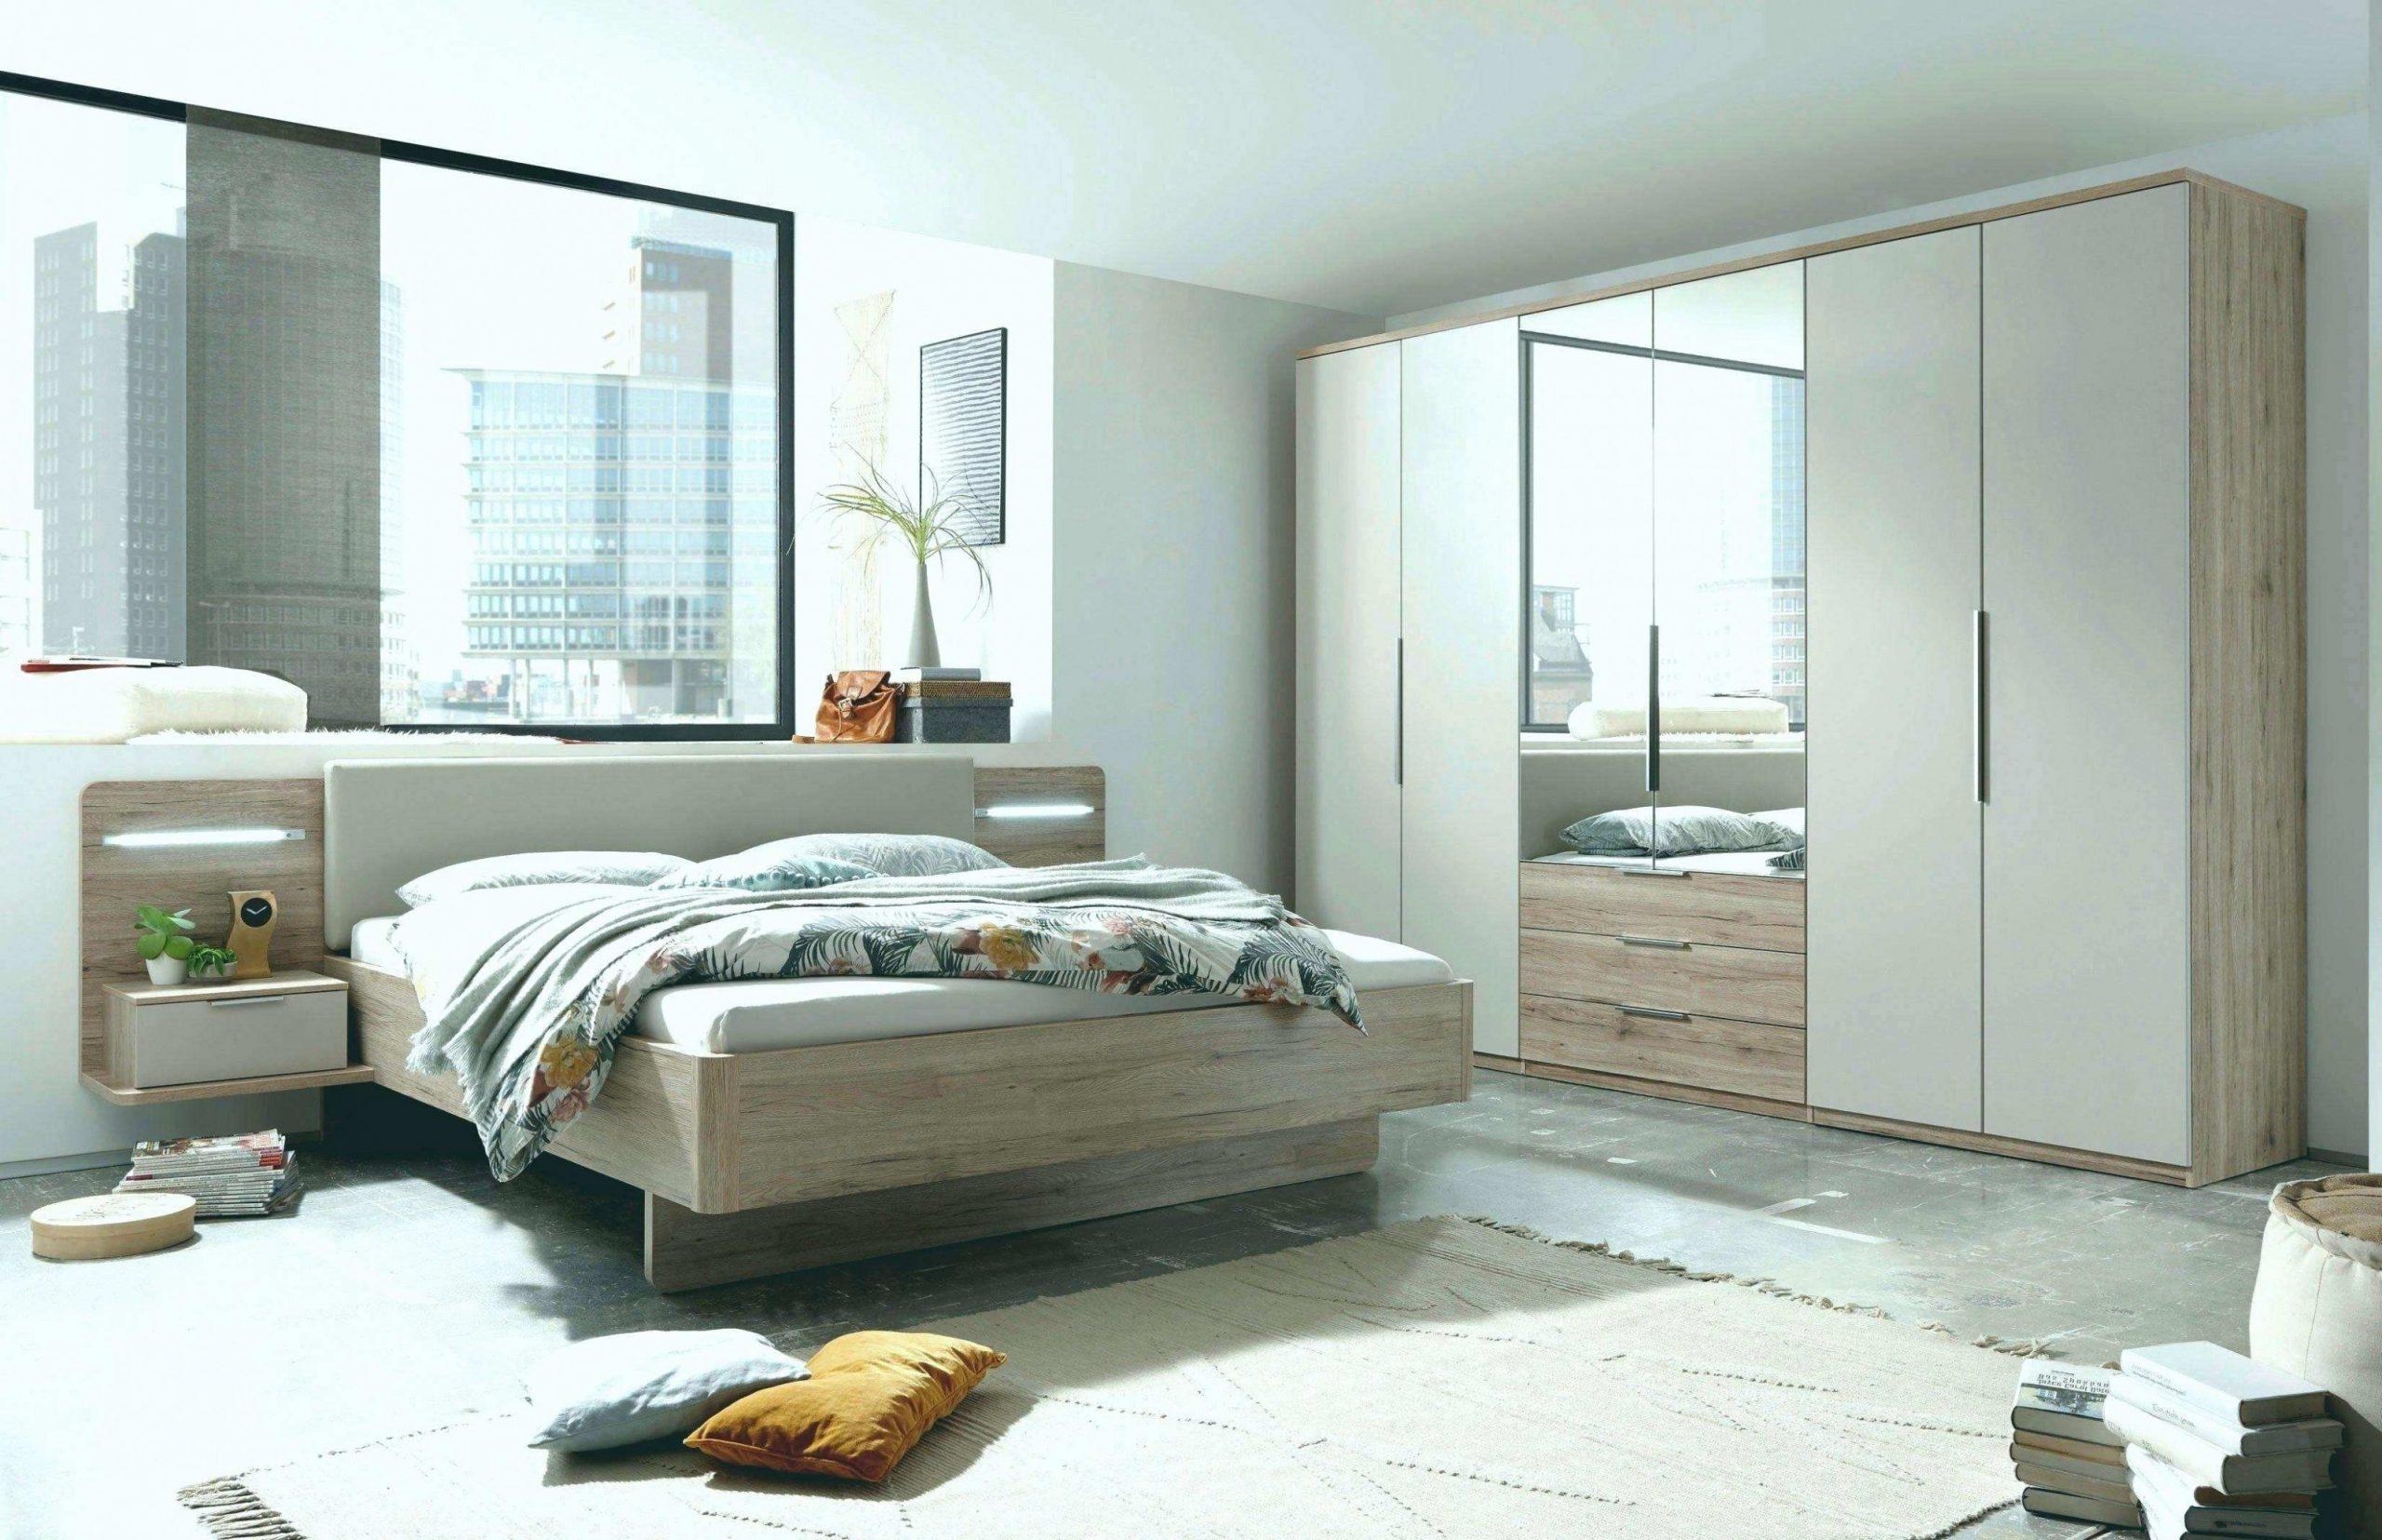 Full Size of Tapeten Ideen Fototapeten Wohnzimmer Für Die Küche Bad Renovieren Wohnzimmer Tapeten Ideen